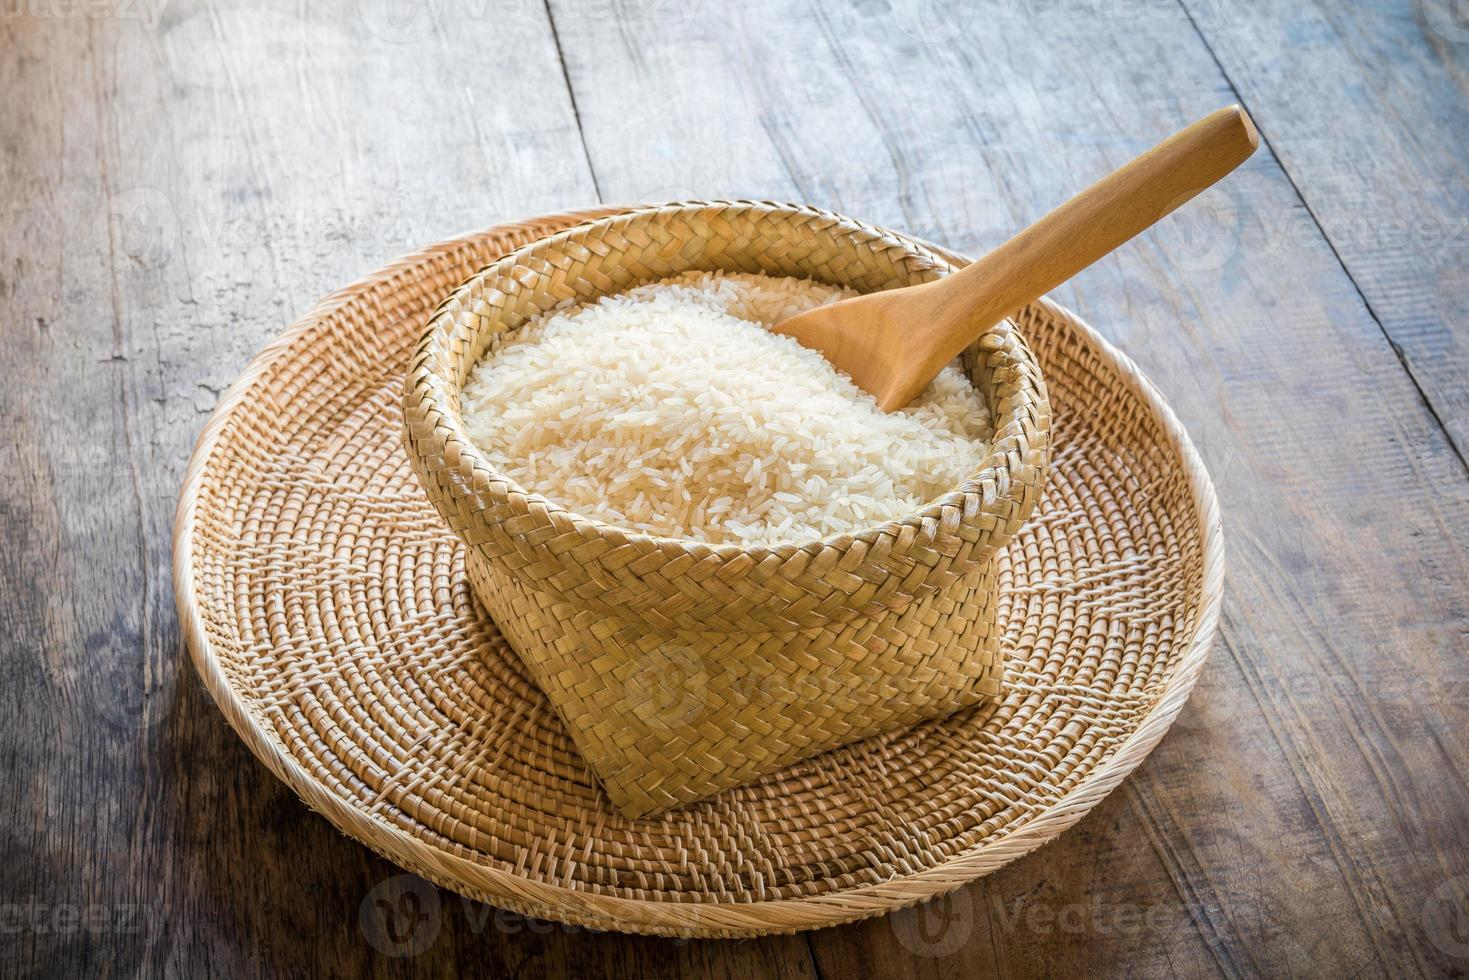 Cuillère en bois dans un panier de riz au jasmin sur bois photo